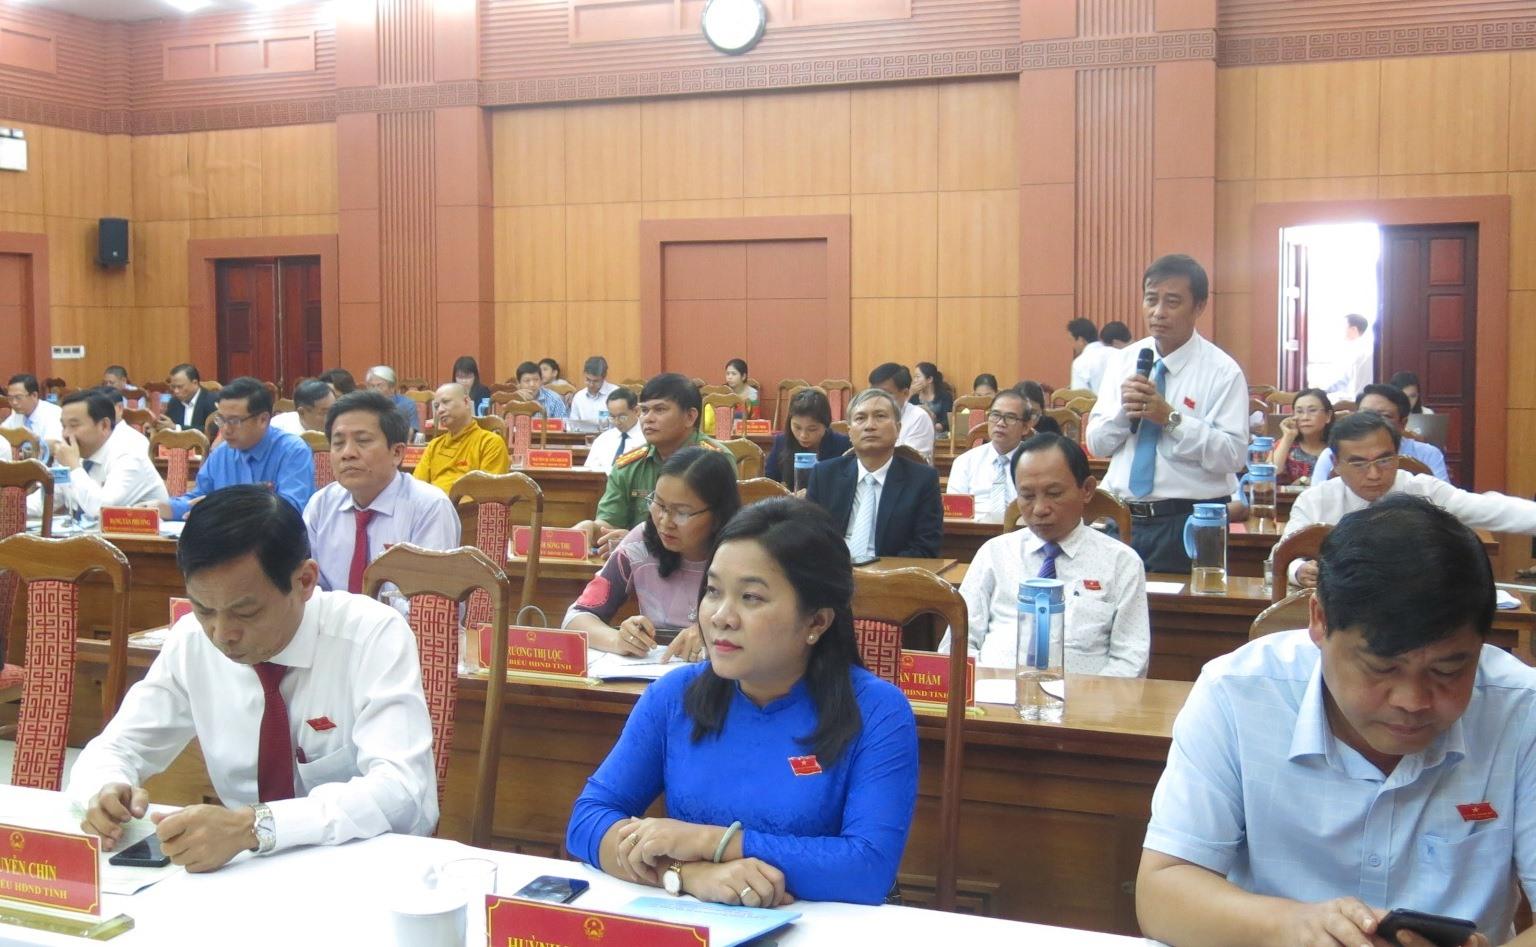 Đại biểu thảo luận tại kỳ họp. Ảnh: T.D